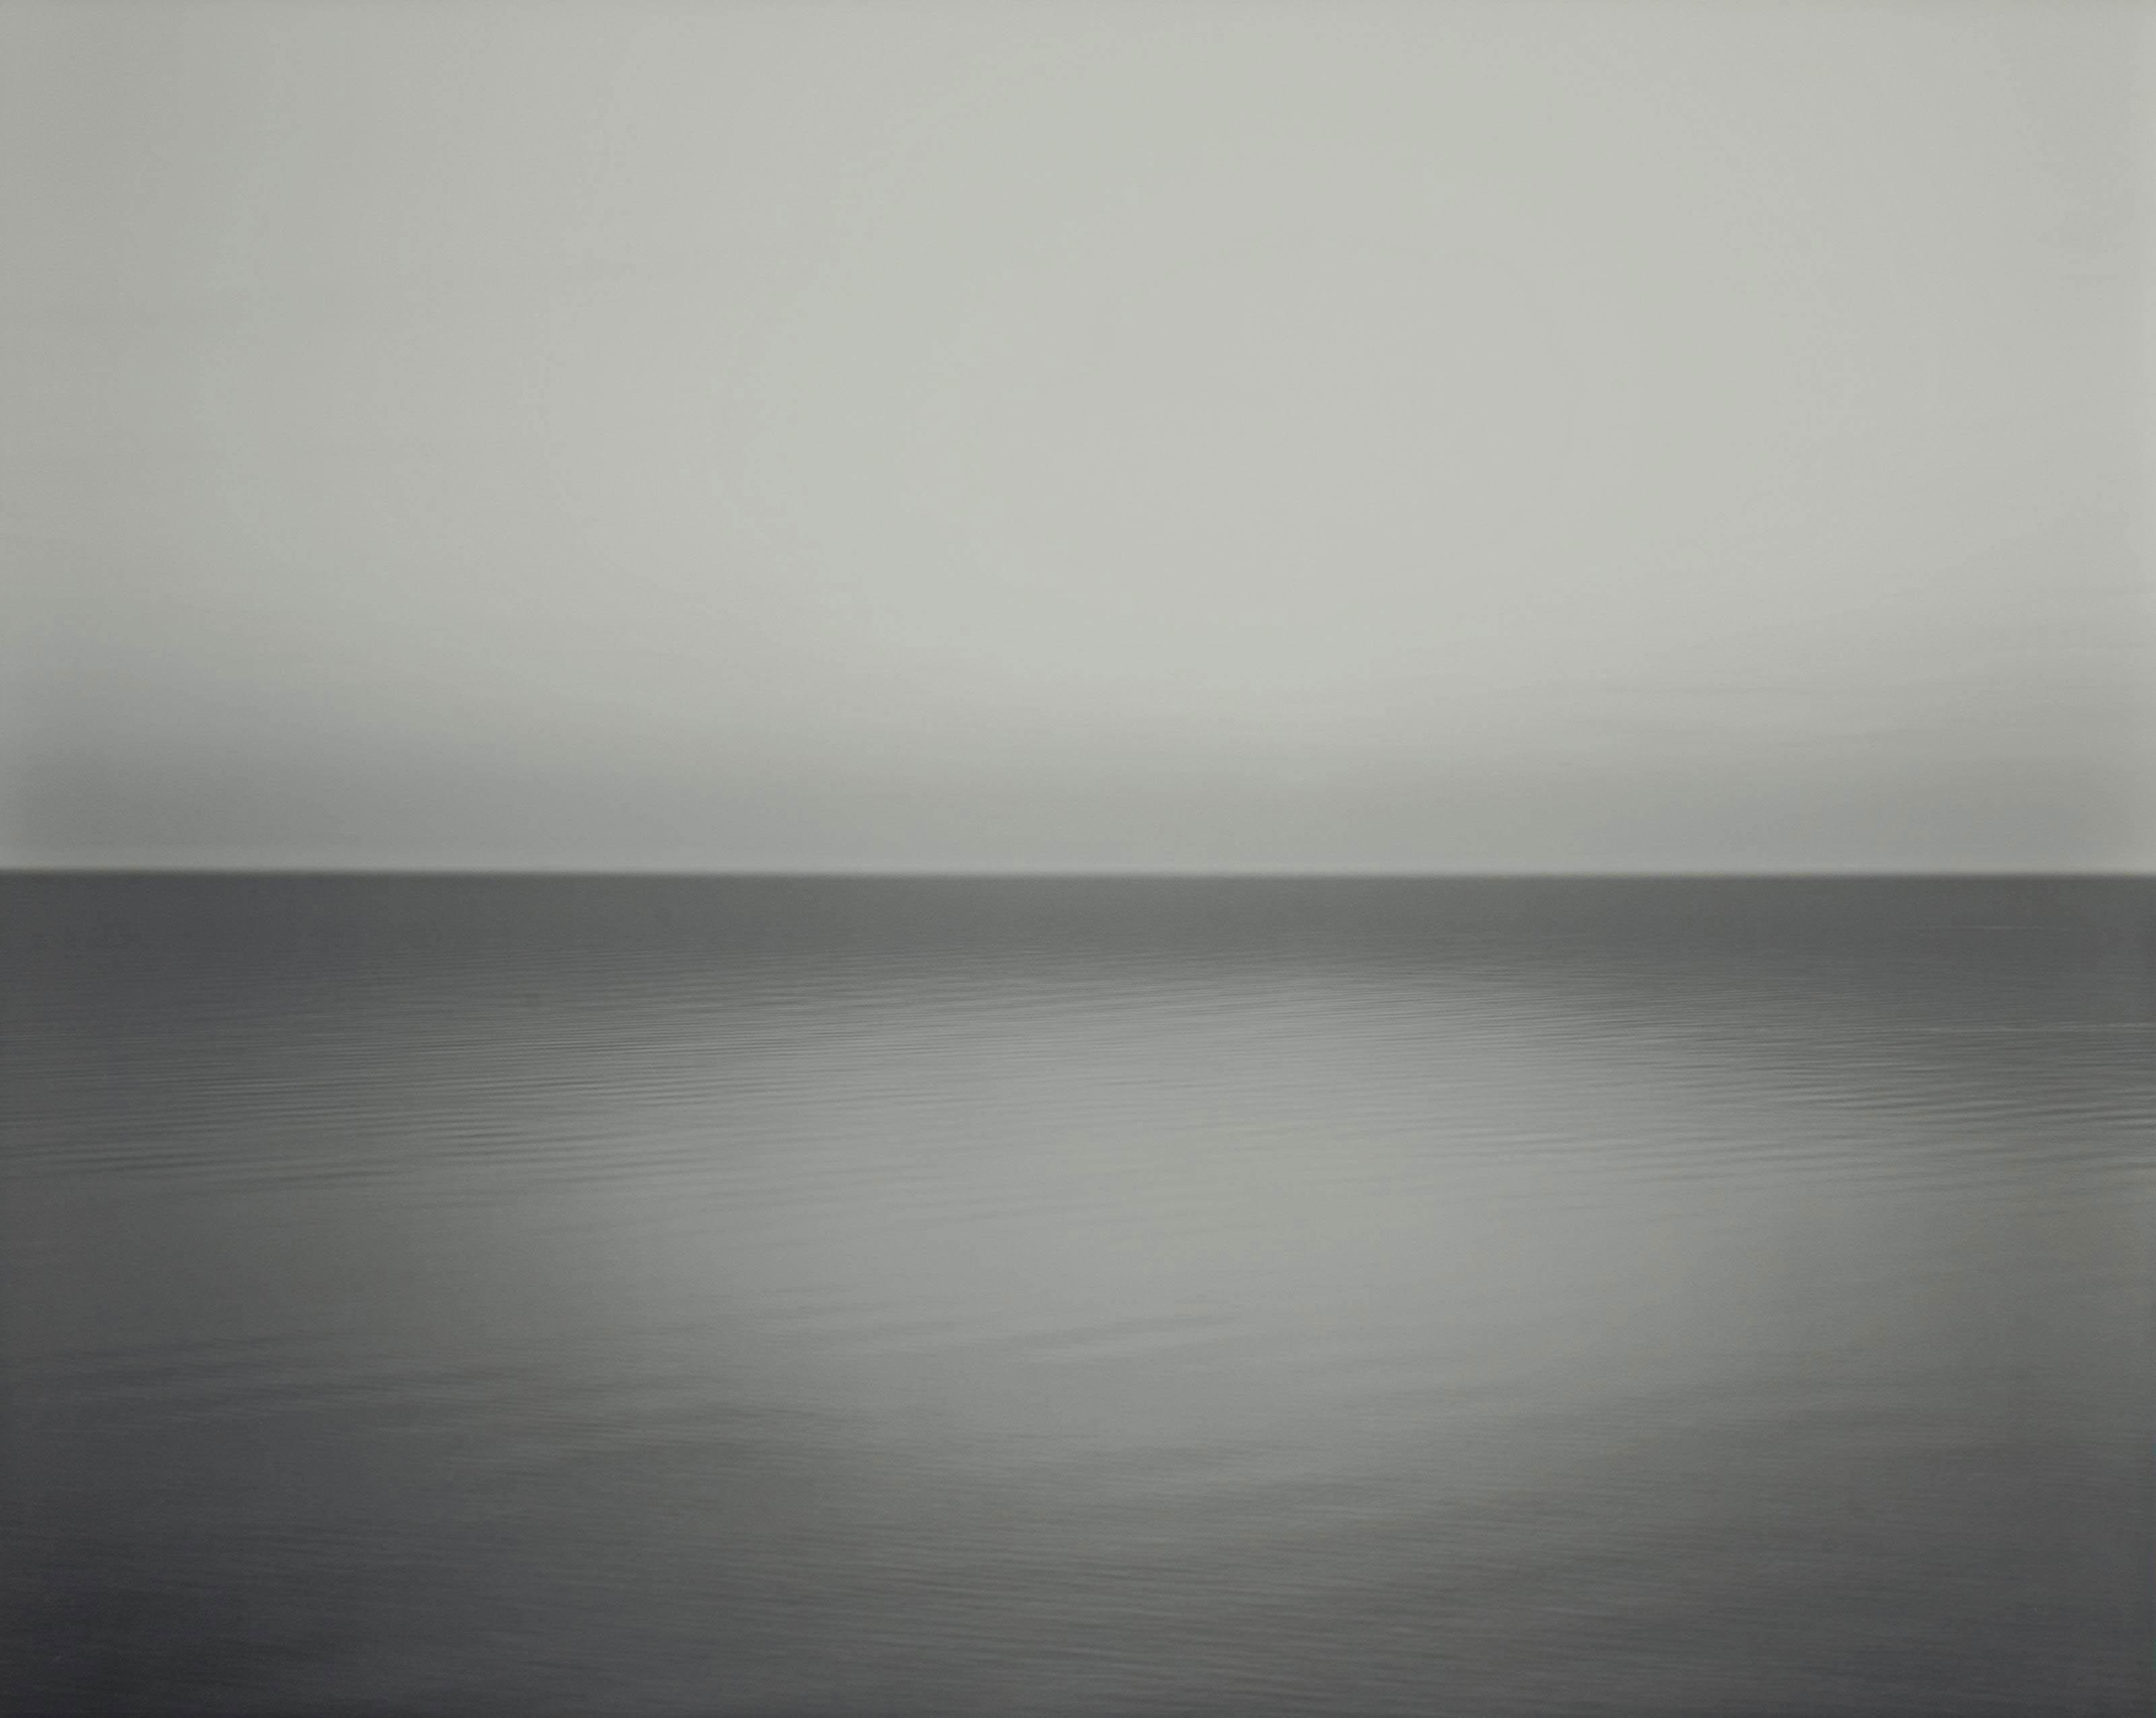 Boden Sea, Uttwil